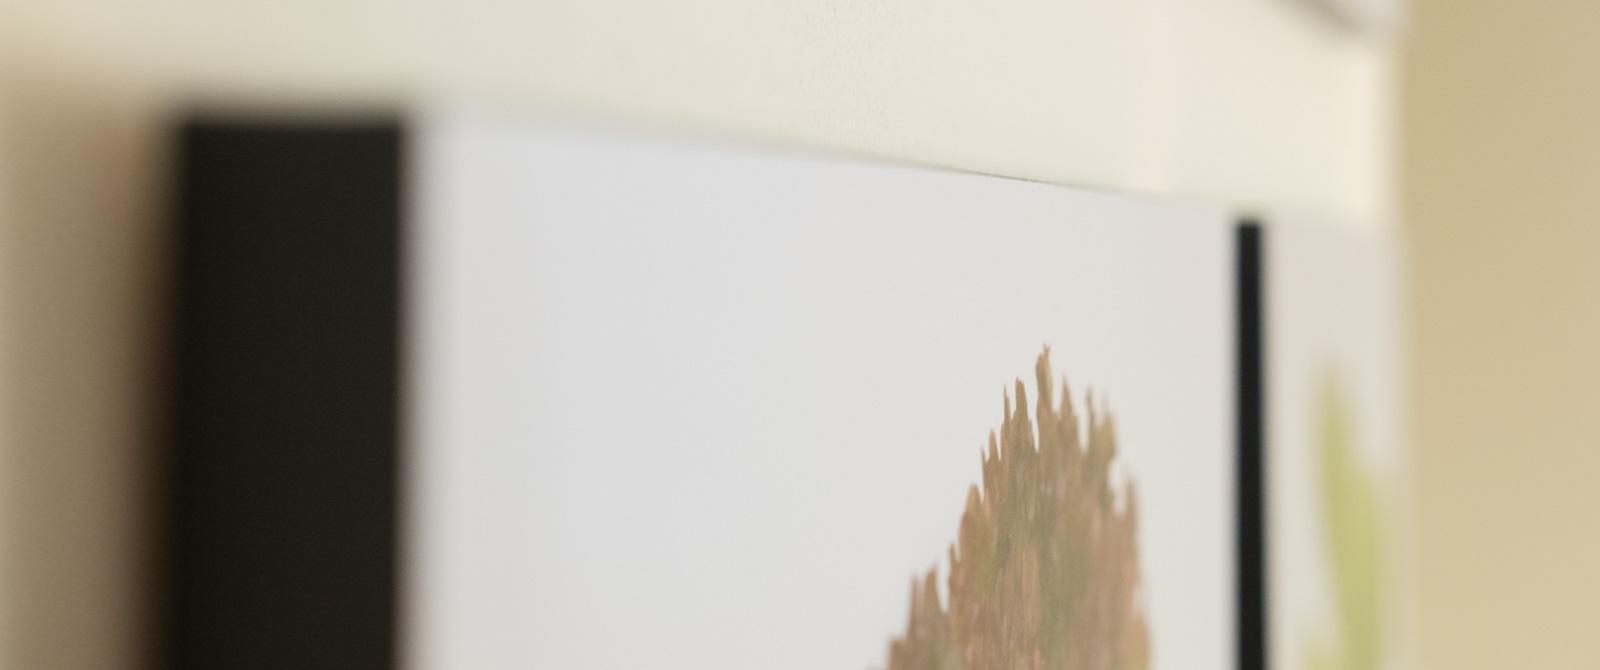 WallLettuce-4.jpg